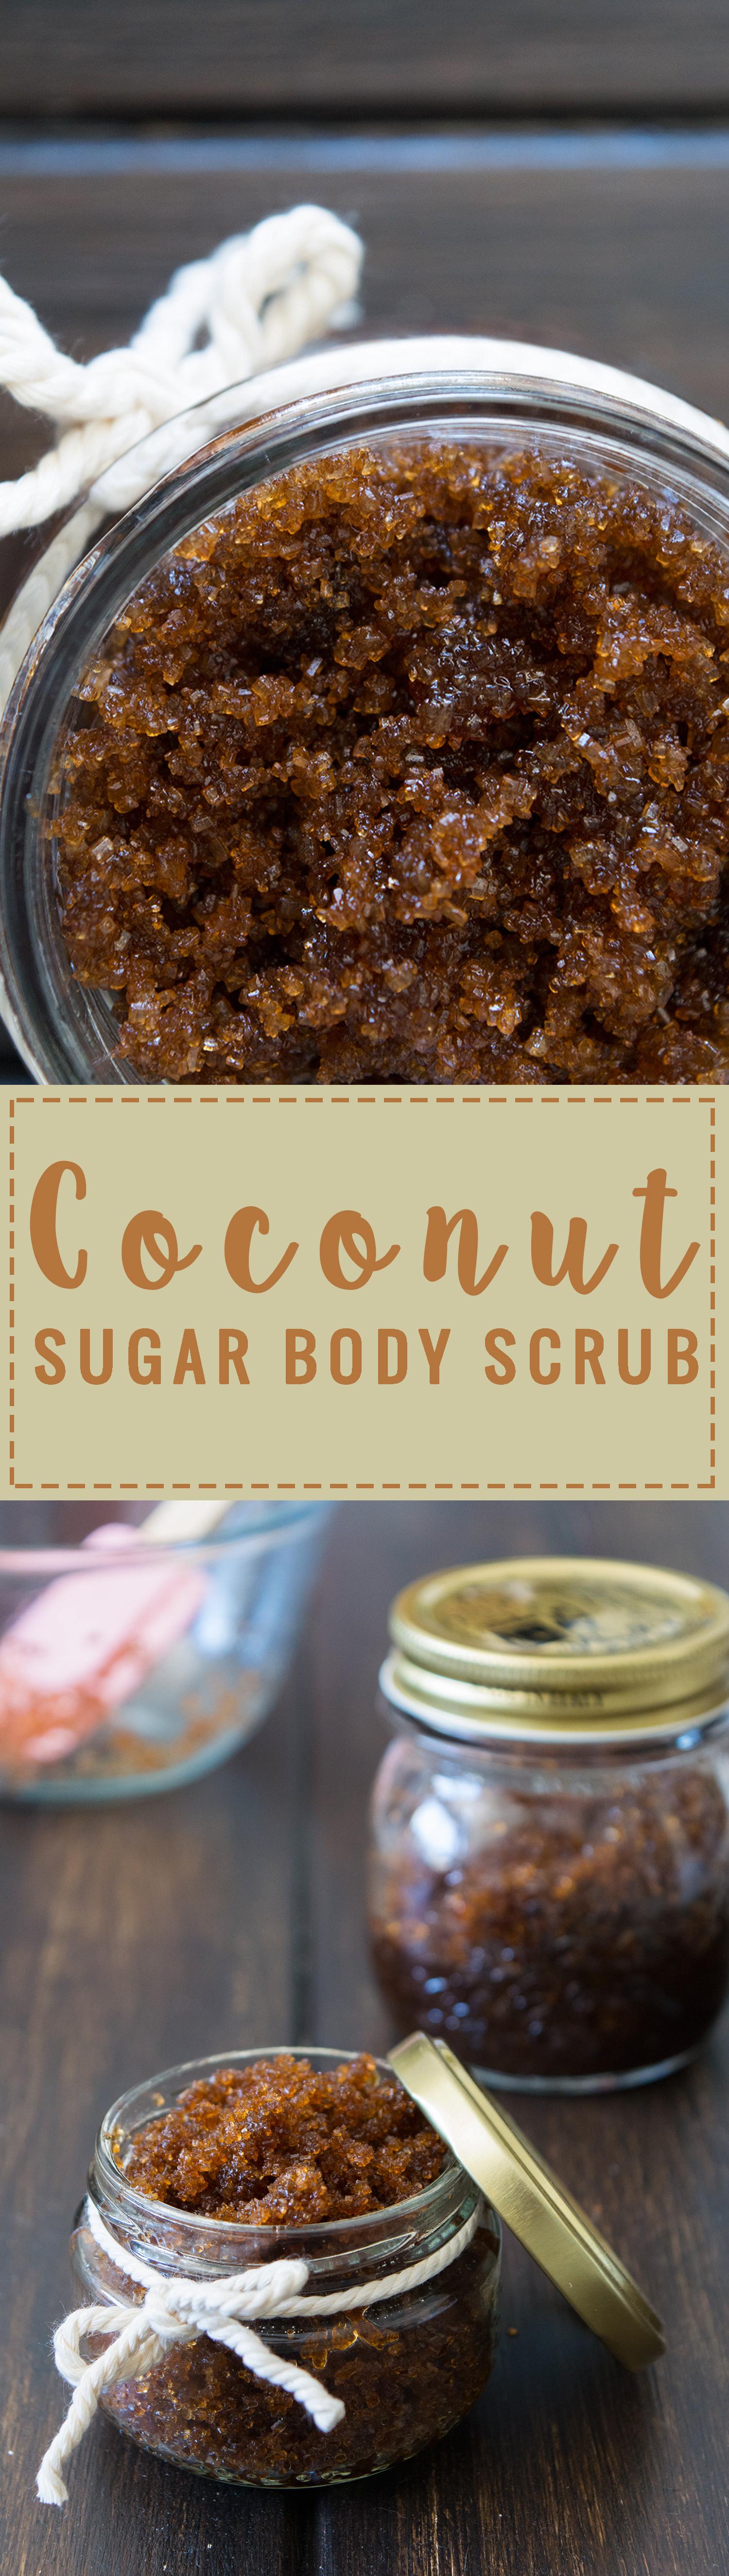 Sugar Body Scrub